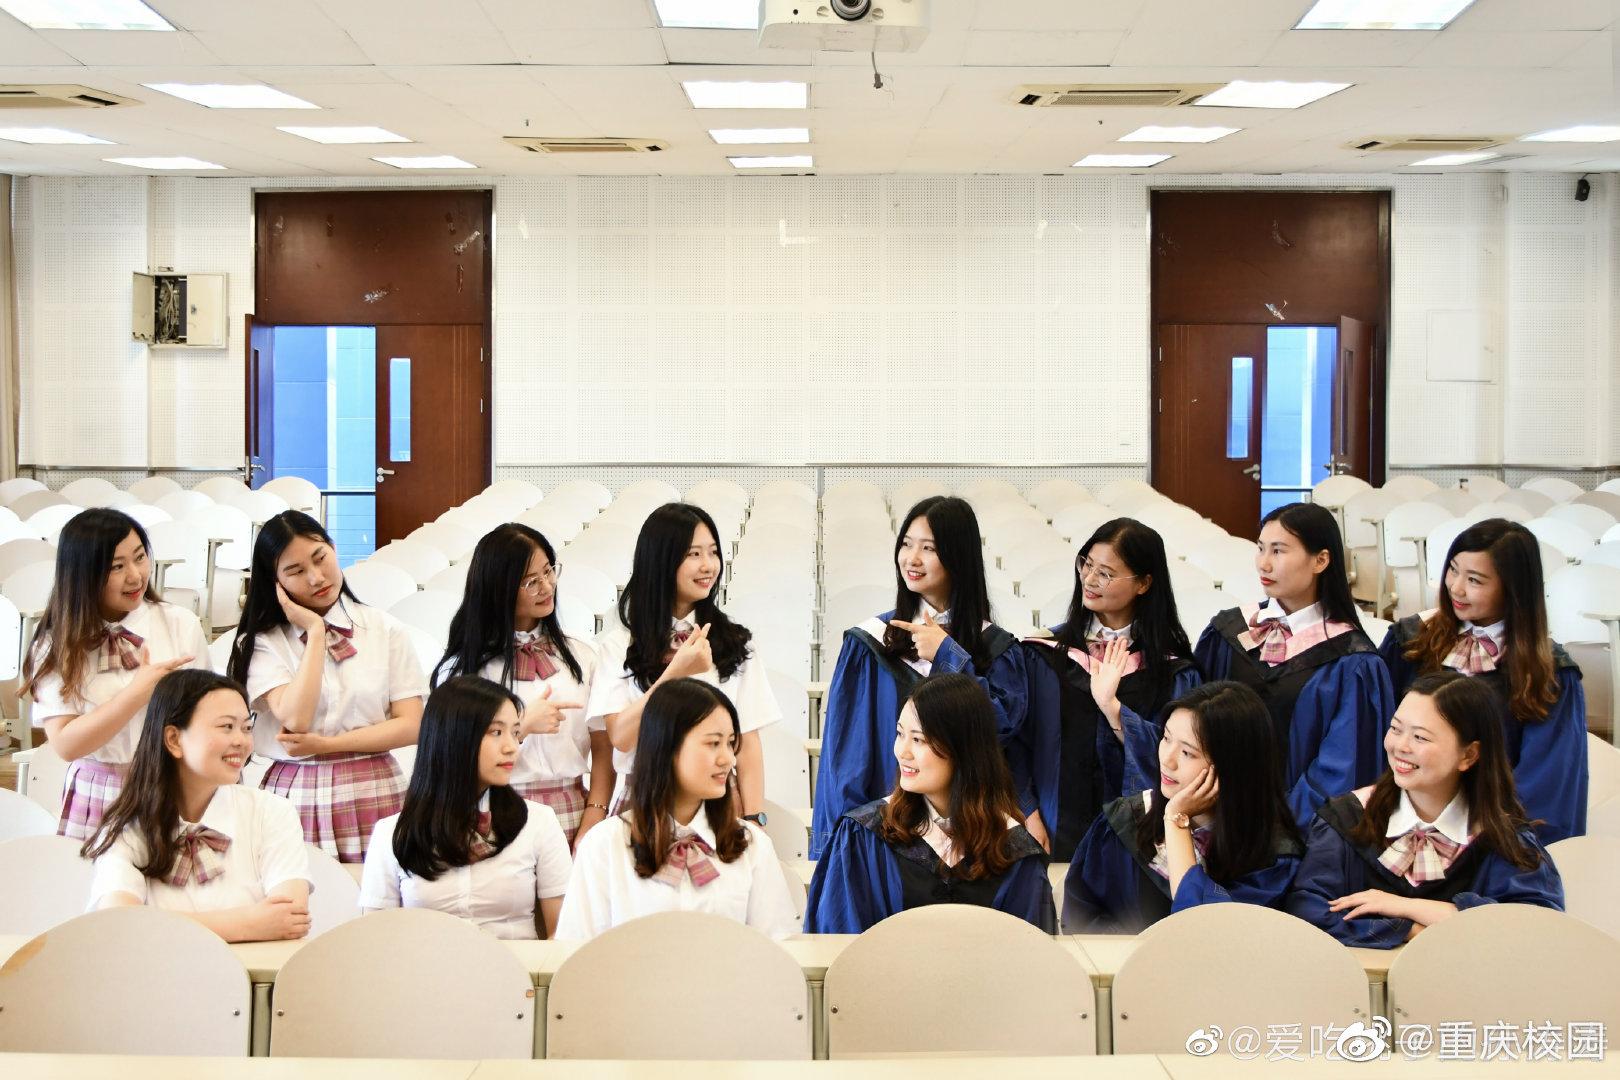 致毕业季前程似锦!未来可期!@重庆大学